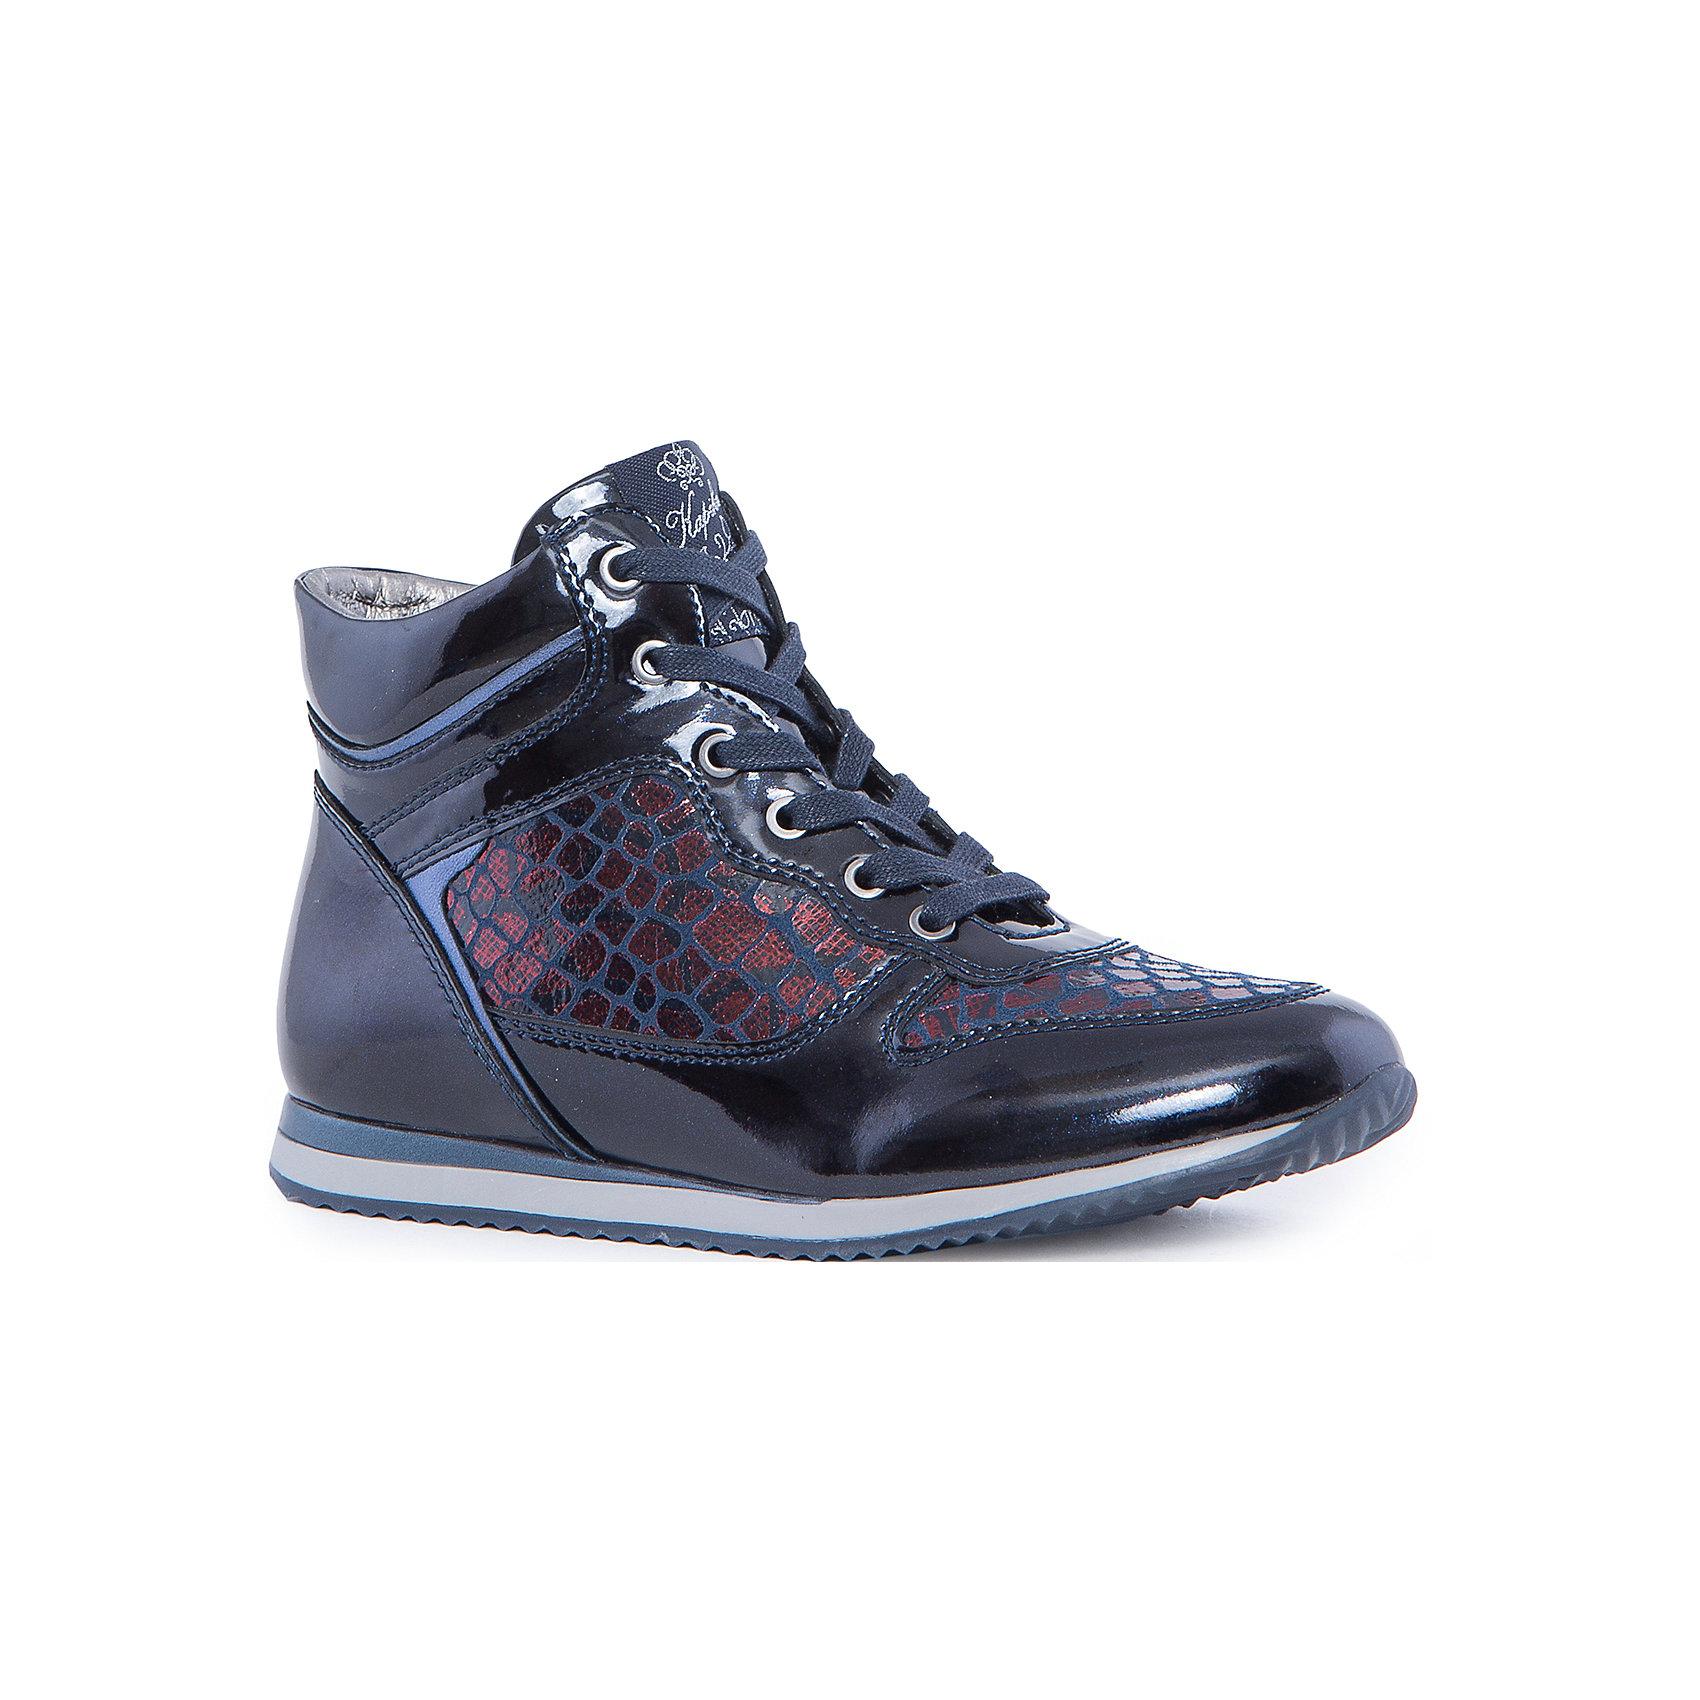 Ботинки для девочки KAPIKAБотинки<br>Ботинки для мальчика KAPIKA – стиль, удобство и комфорт.<br>Красивые кеды из натуральной кожи сделаны со специальным супинатором, который делает носку комфортной. Стелька и подкладка также из натуральной кожи. Ботиночки застегиваются с помощью молнии. Можно регулировать полноту модели с помощью шнурков. Прорезиненная подошва и дизайнерские лакированные вставки.<br><br>Дополнительная информация:<br><br>- материал верха: натуральная кожа, микрофибра<br>- материал подкладки: 30% шерсти<br>- цвет: темно-синий<br><br>Ботинки для мальчика KAPIKA можно купить в нашем интернет магазине.<br><br>Ширина мм: 262<br>Глубина мм: 176<br>Высота мм: 97<br>Вес г: 427<br>Цвет: синий<br>Возраст от месяцев: 108<br>Возраст до месяцев: 120<br>Пол: Женский<br>Возраст: Детский<br>Размер: 34,35,36,33,37<br>SKU: 4988079